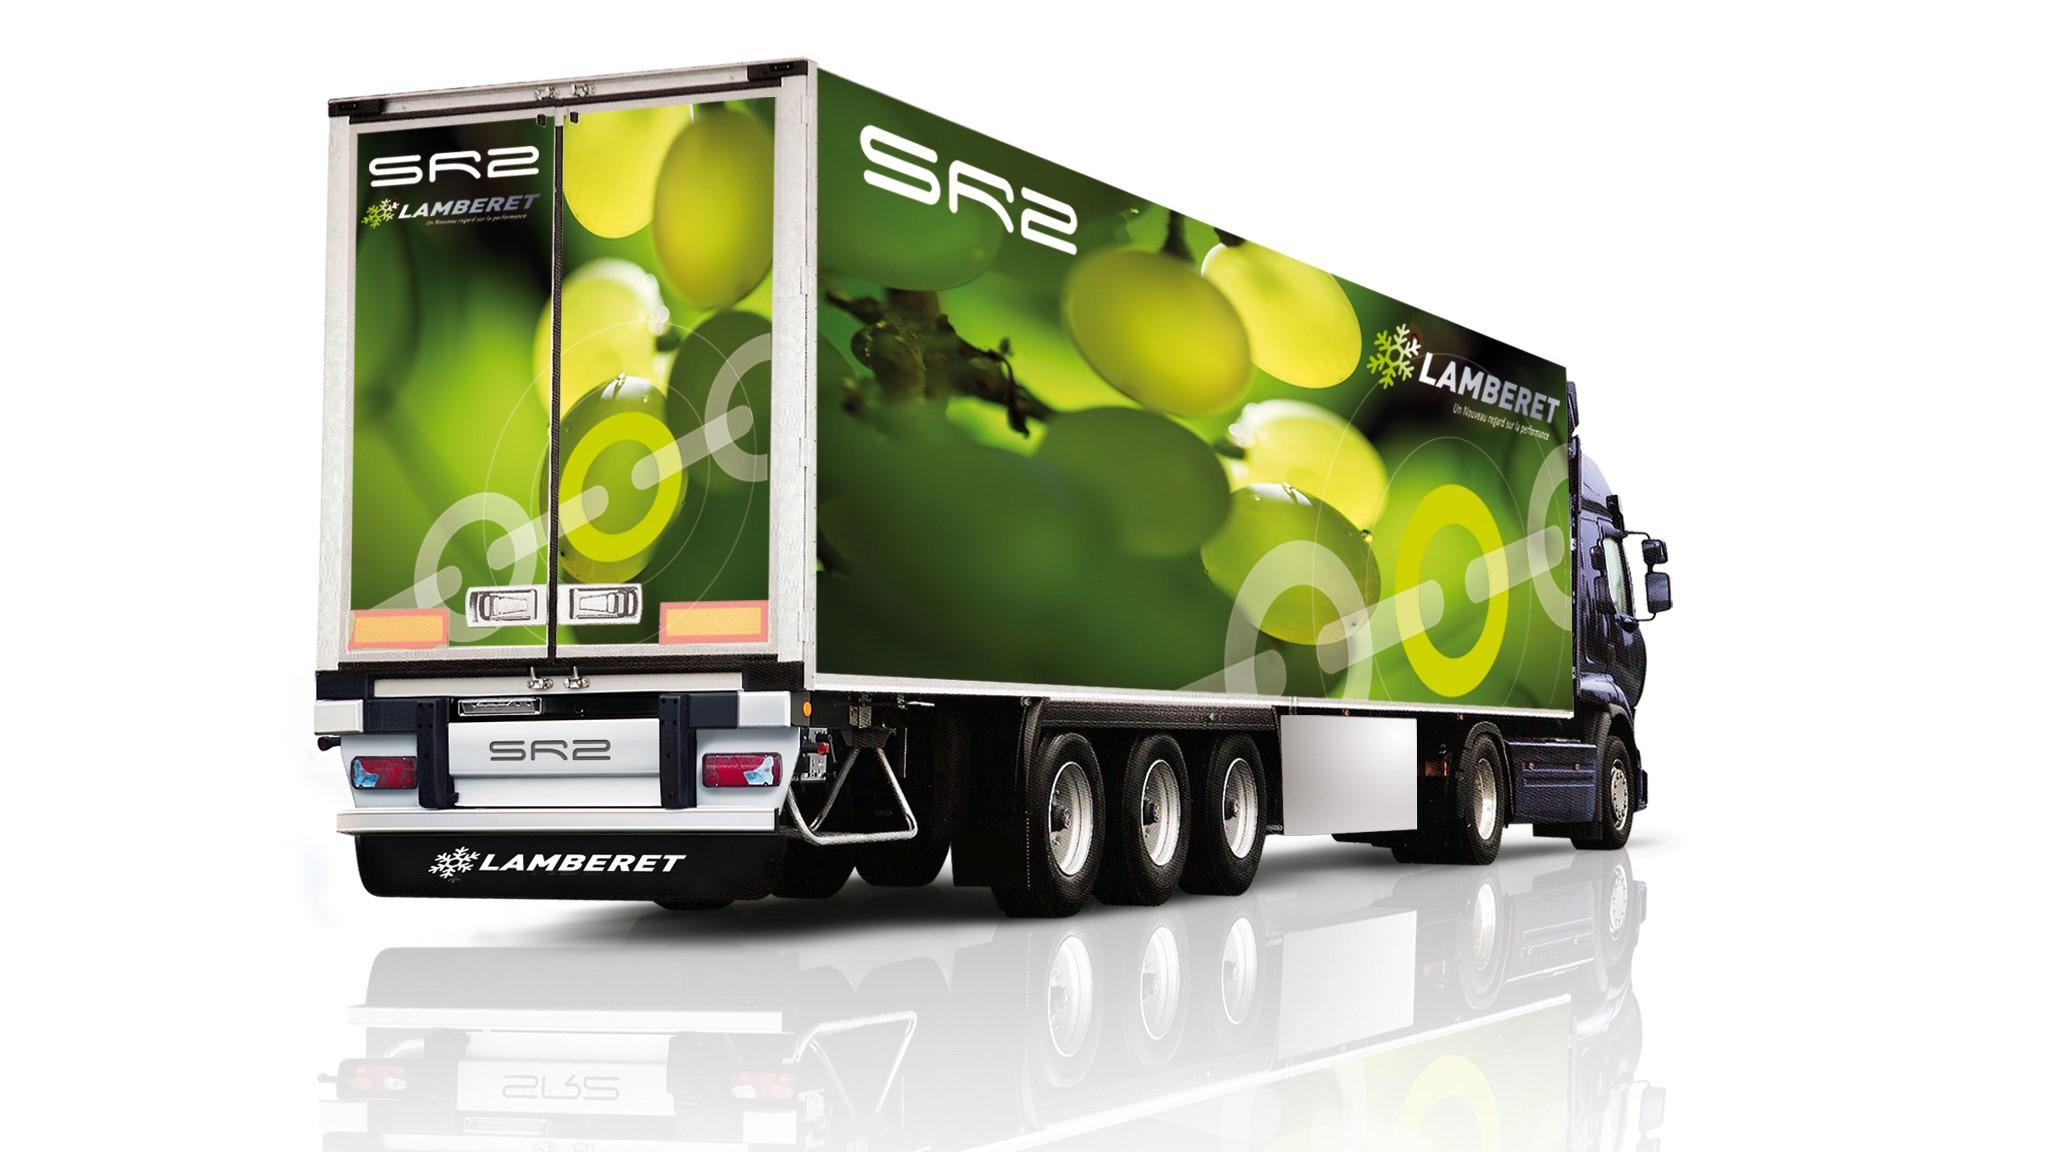 La gamma SR2 Green Liner di Lamberet è un punto di riferimento nel mercato